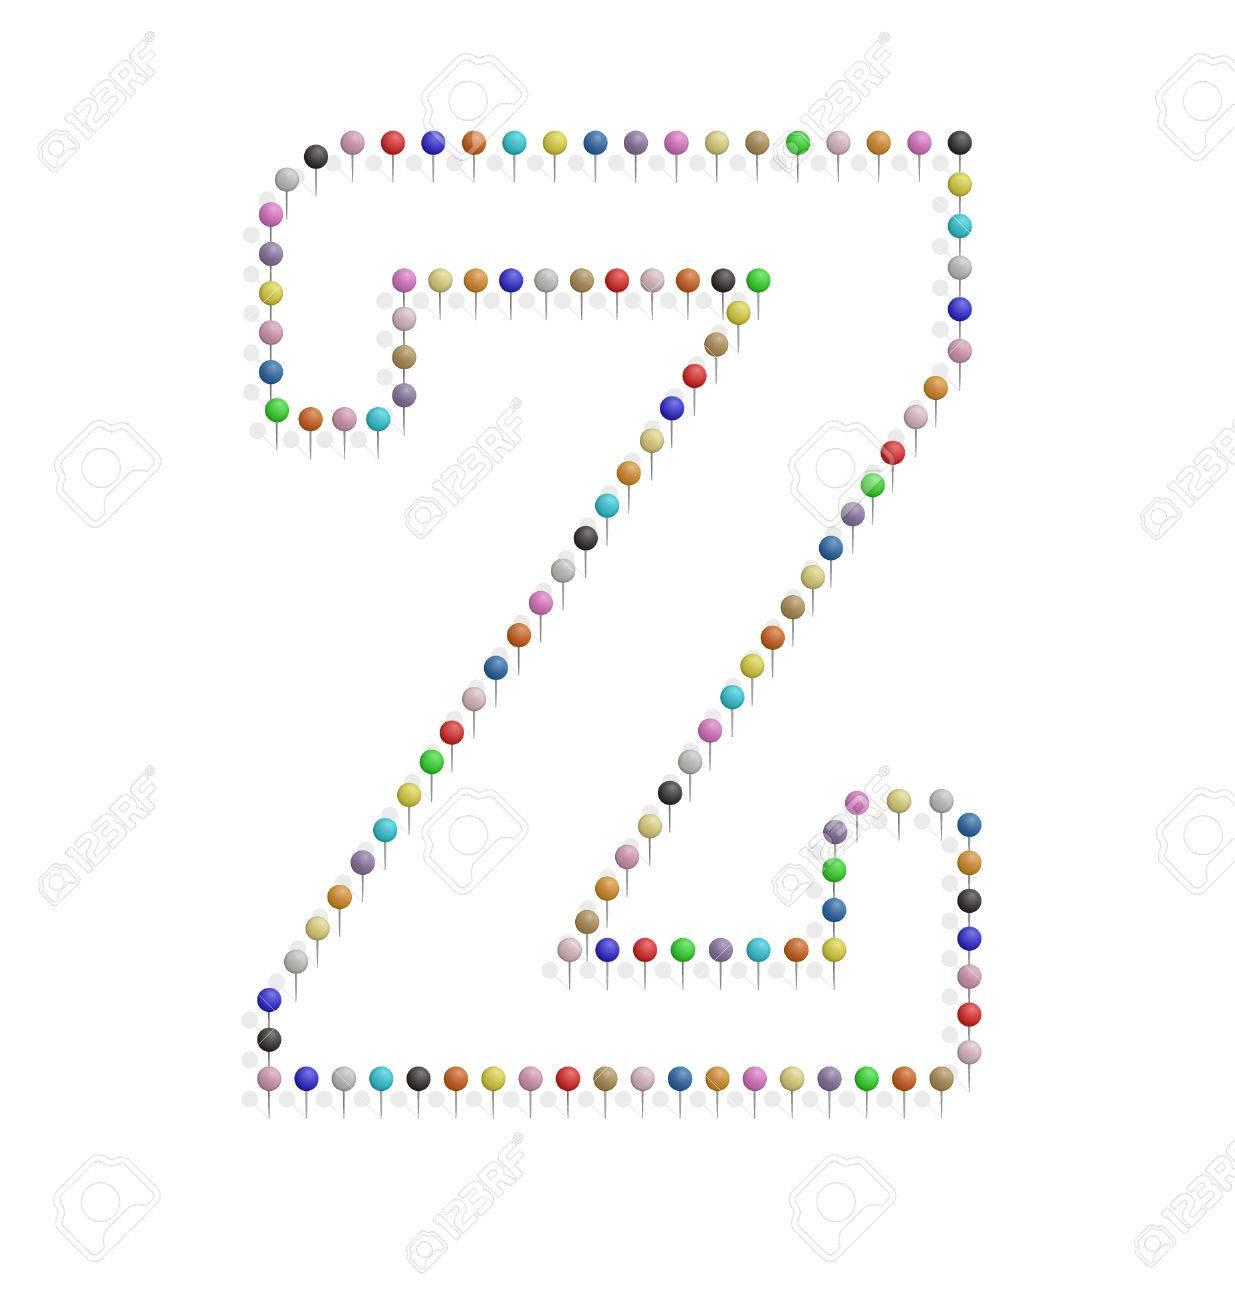 プッシュピンで作成した Z レターのイラストのイラスト素材ベクタ